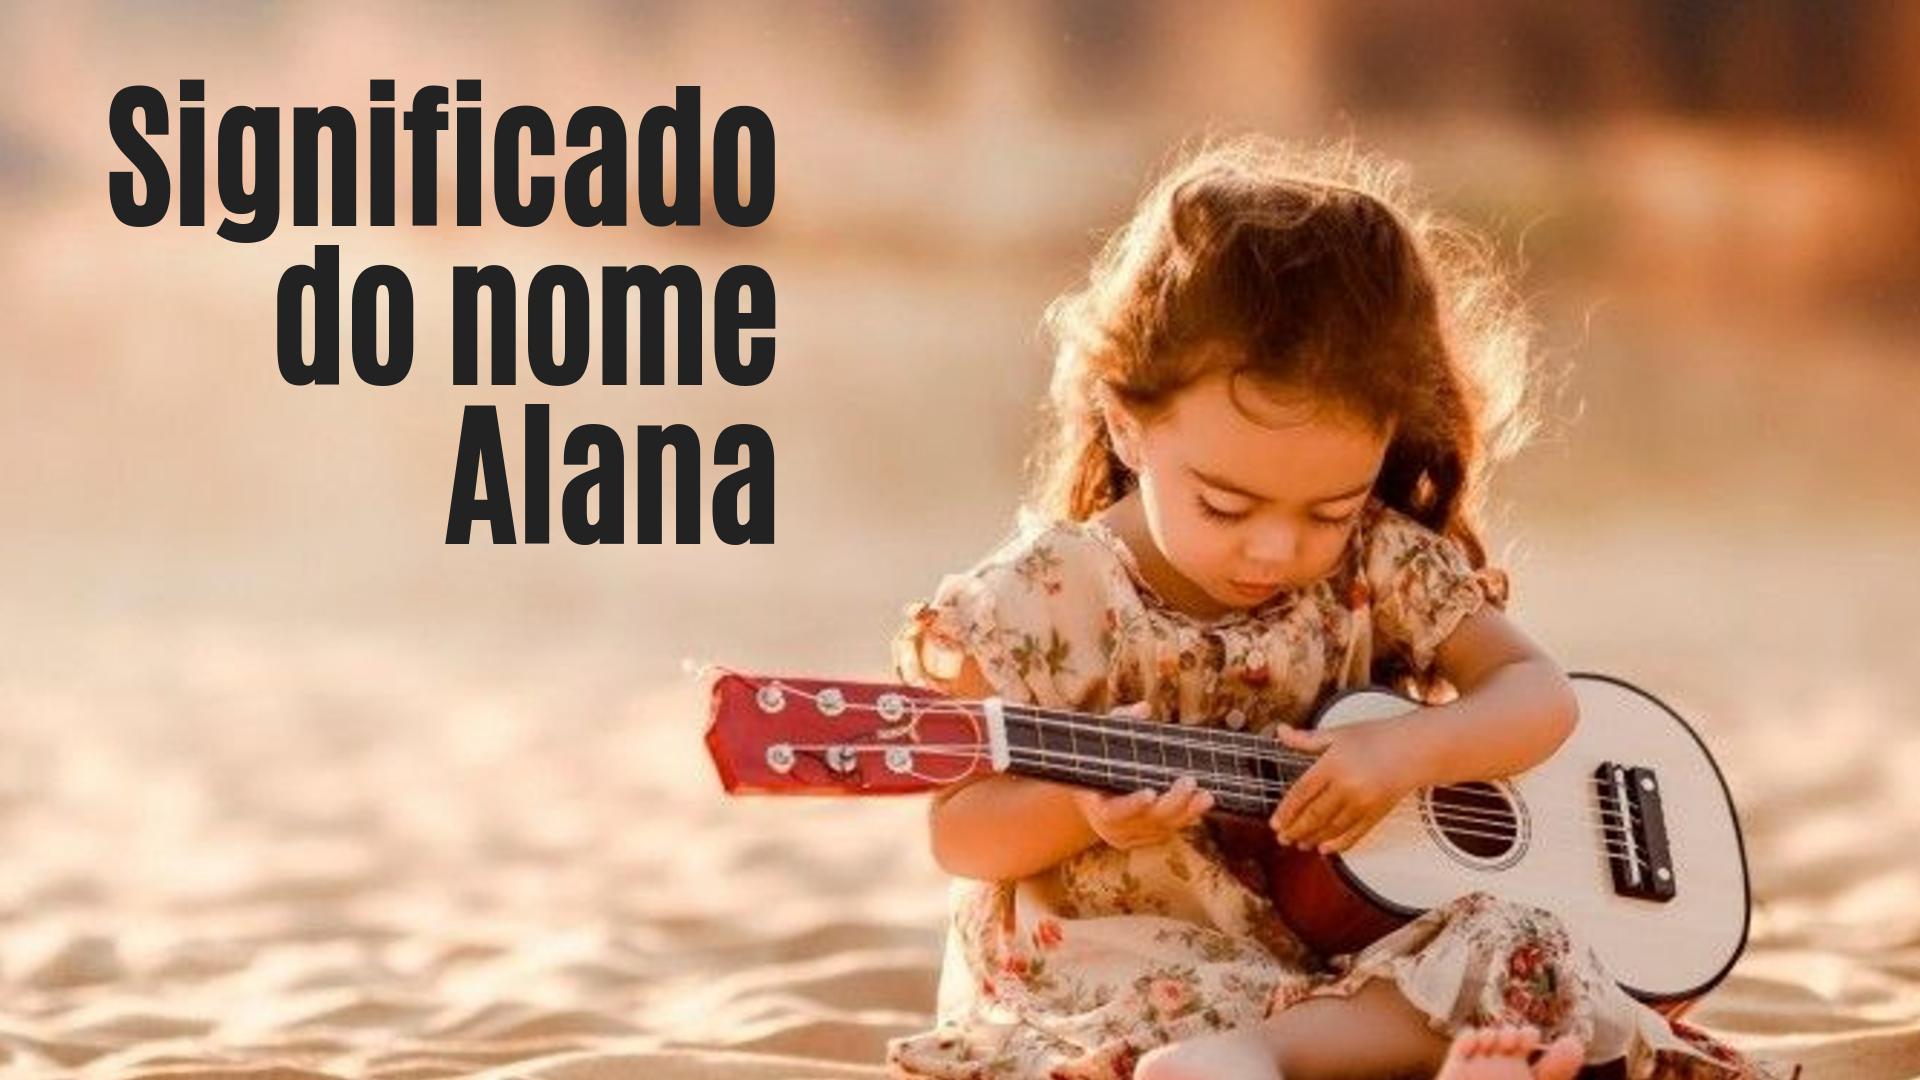 foto escrita significado do nome alana